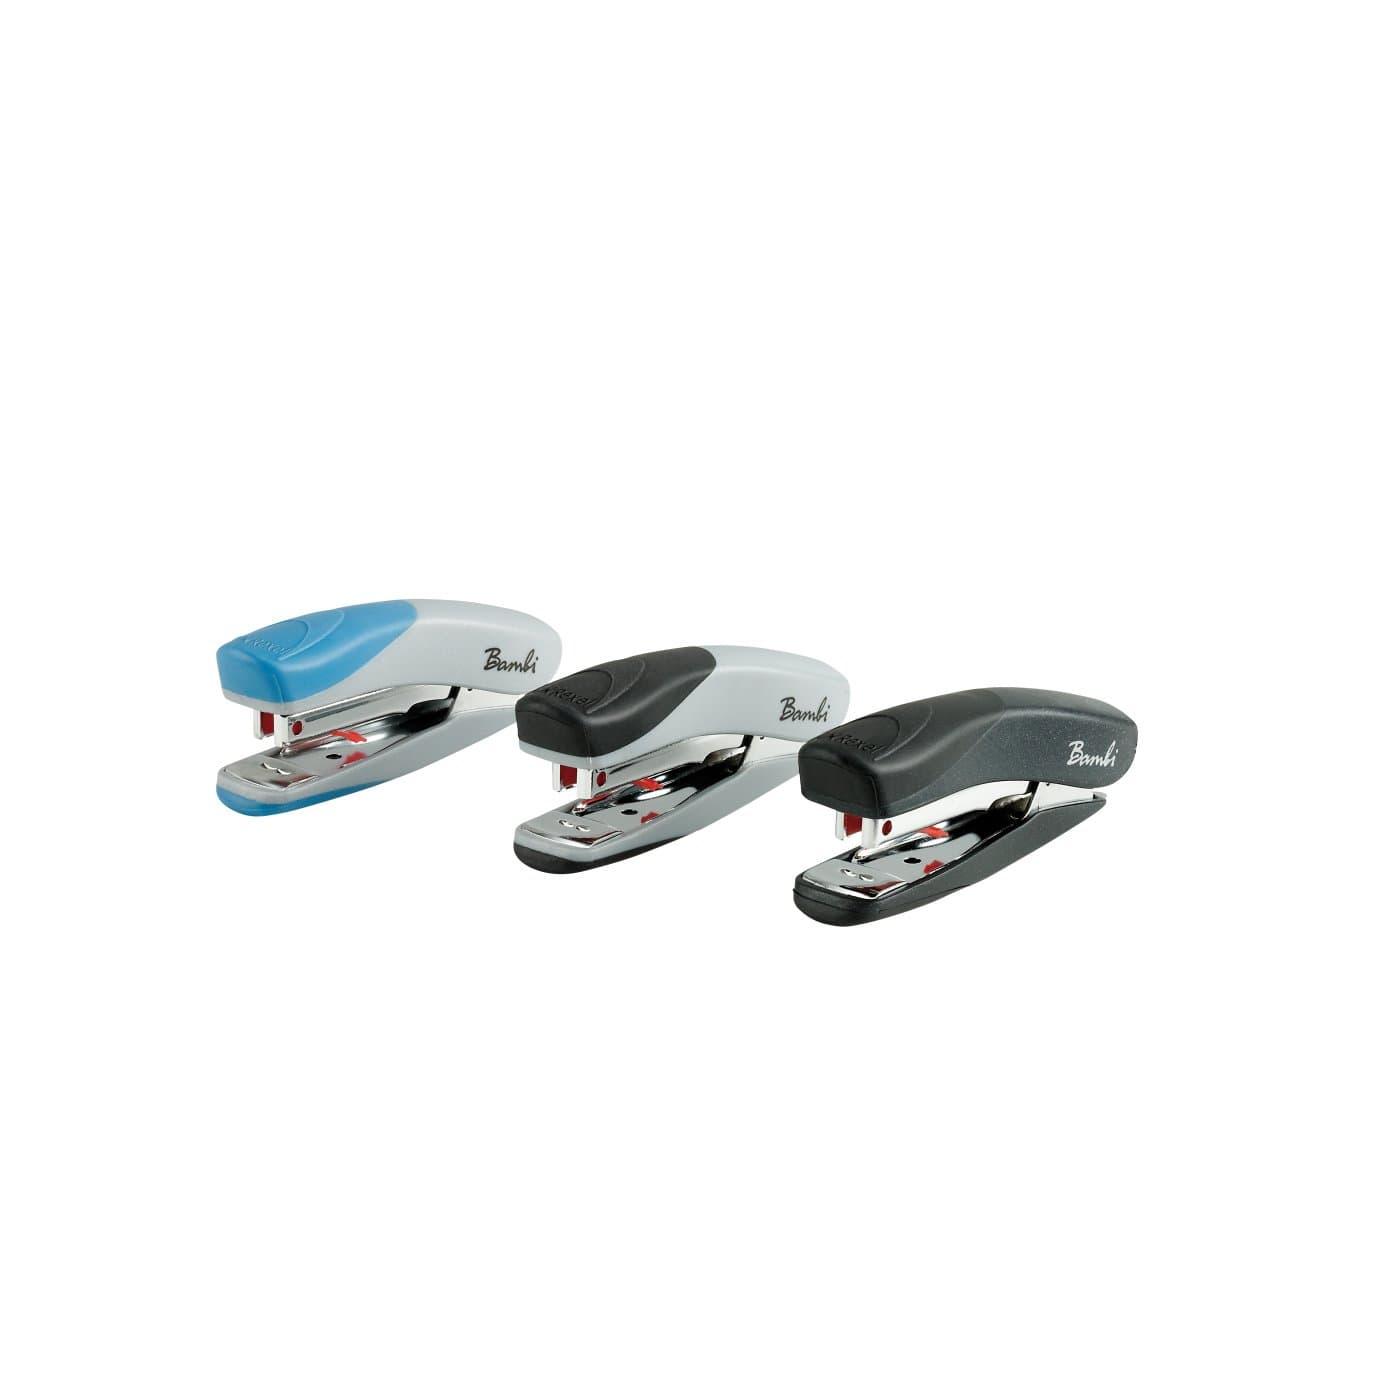 2100154 acco Rexel Bambi Mini Stapler 2100154 - AD01